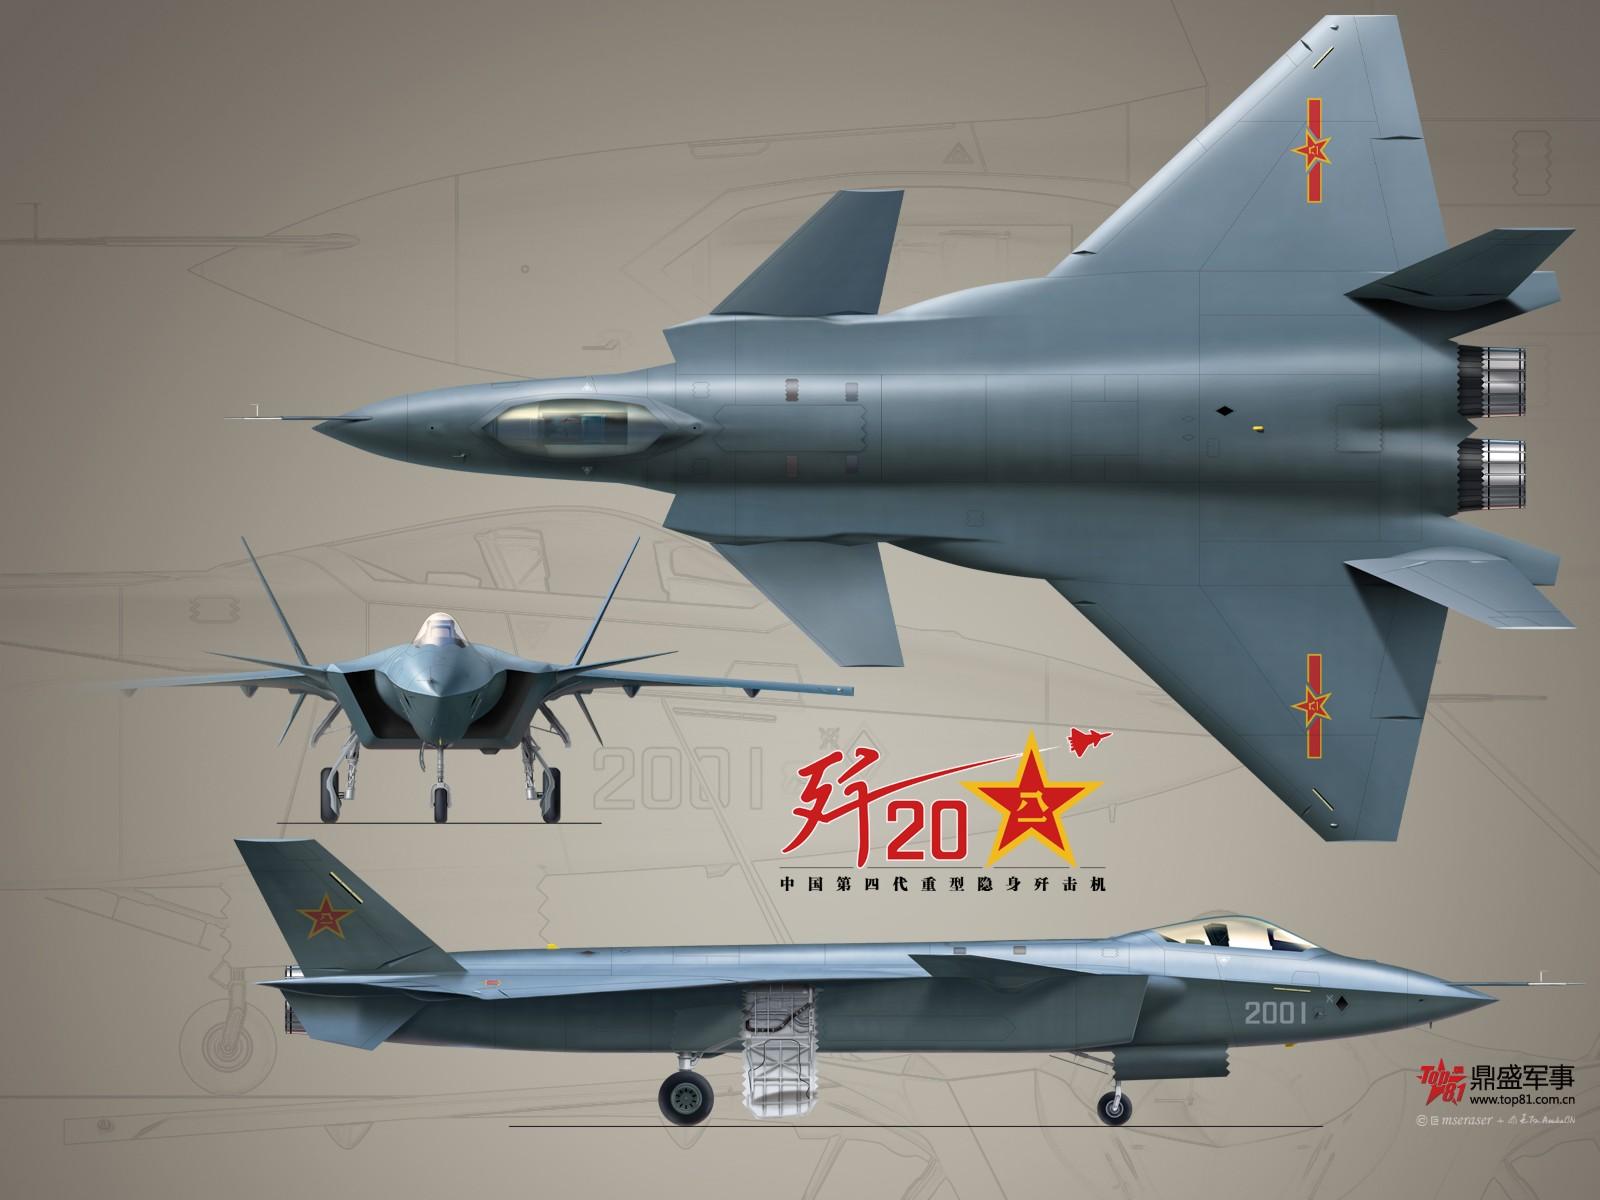 Обои вертикальный предел, F15 strike eagle, истребитель, высота. Авиация foto 15